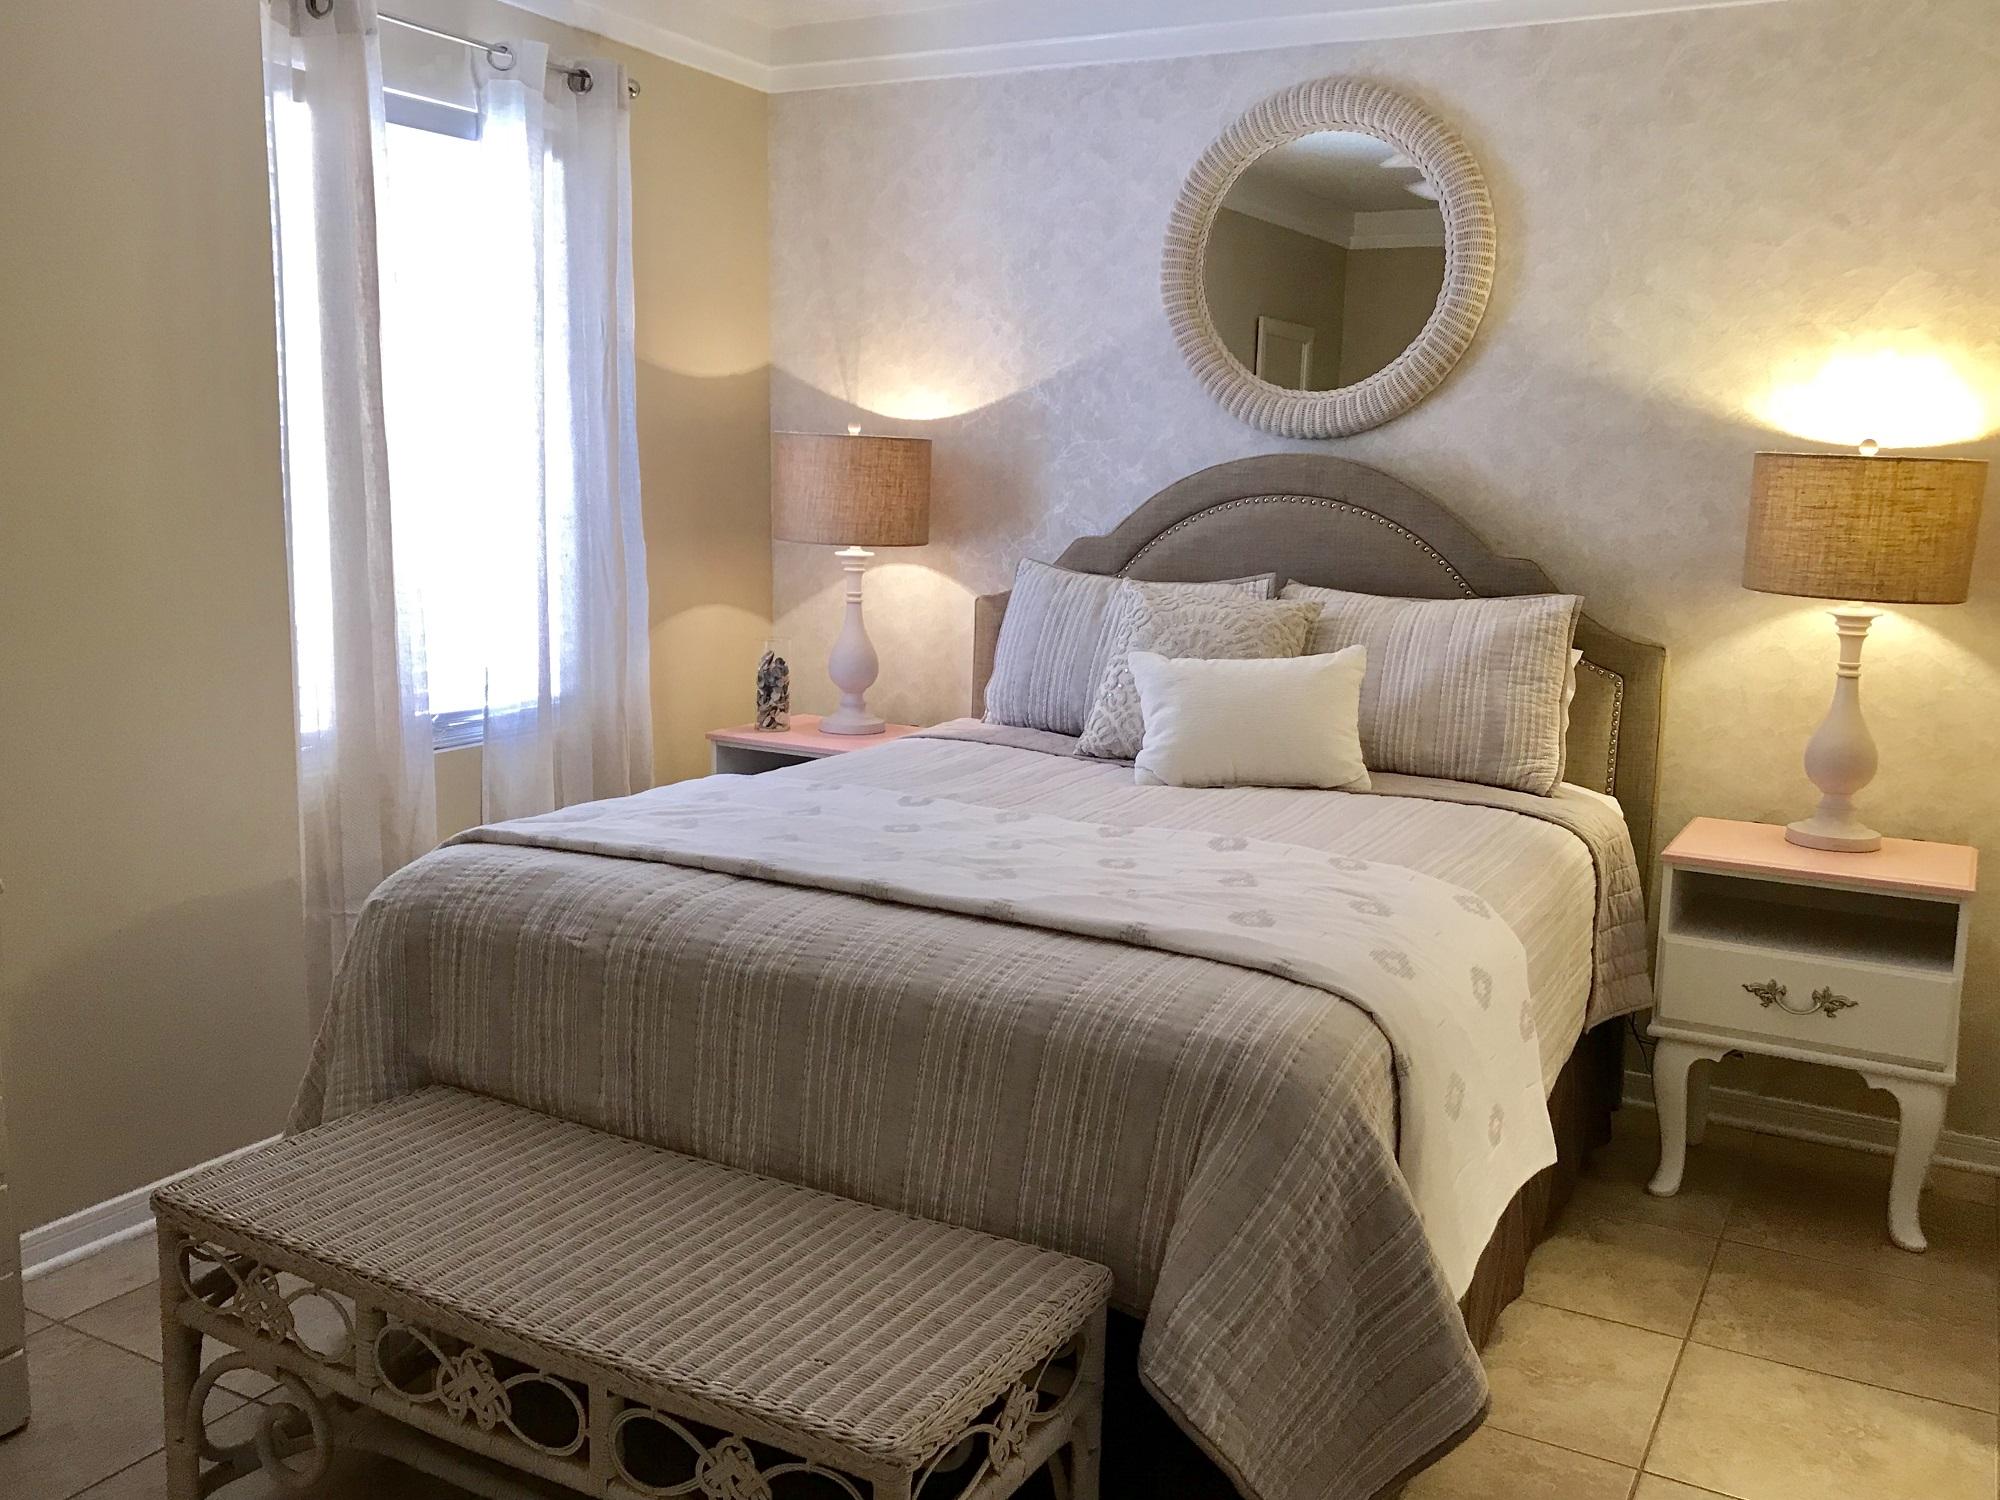 Ocean House 2701 Condo rental in Ocean House - Gulf Shores in Gulf Shores Alabama - #22